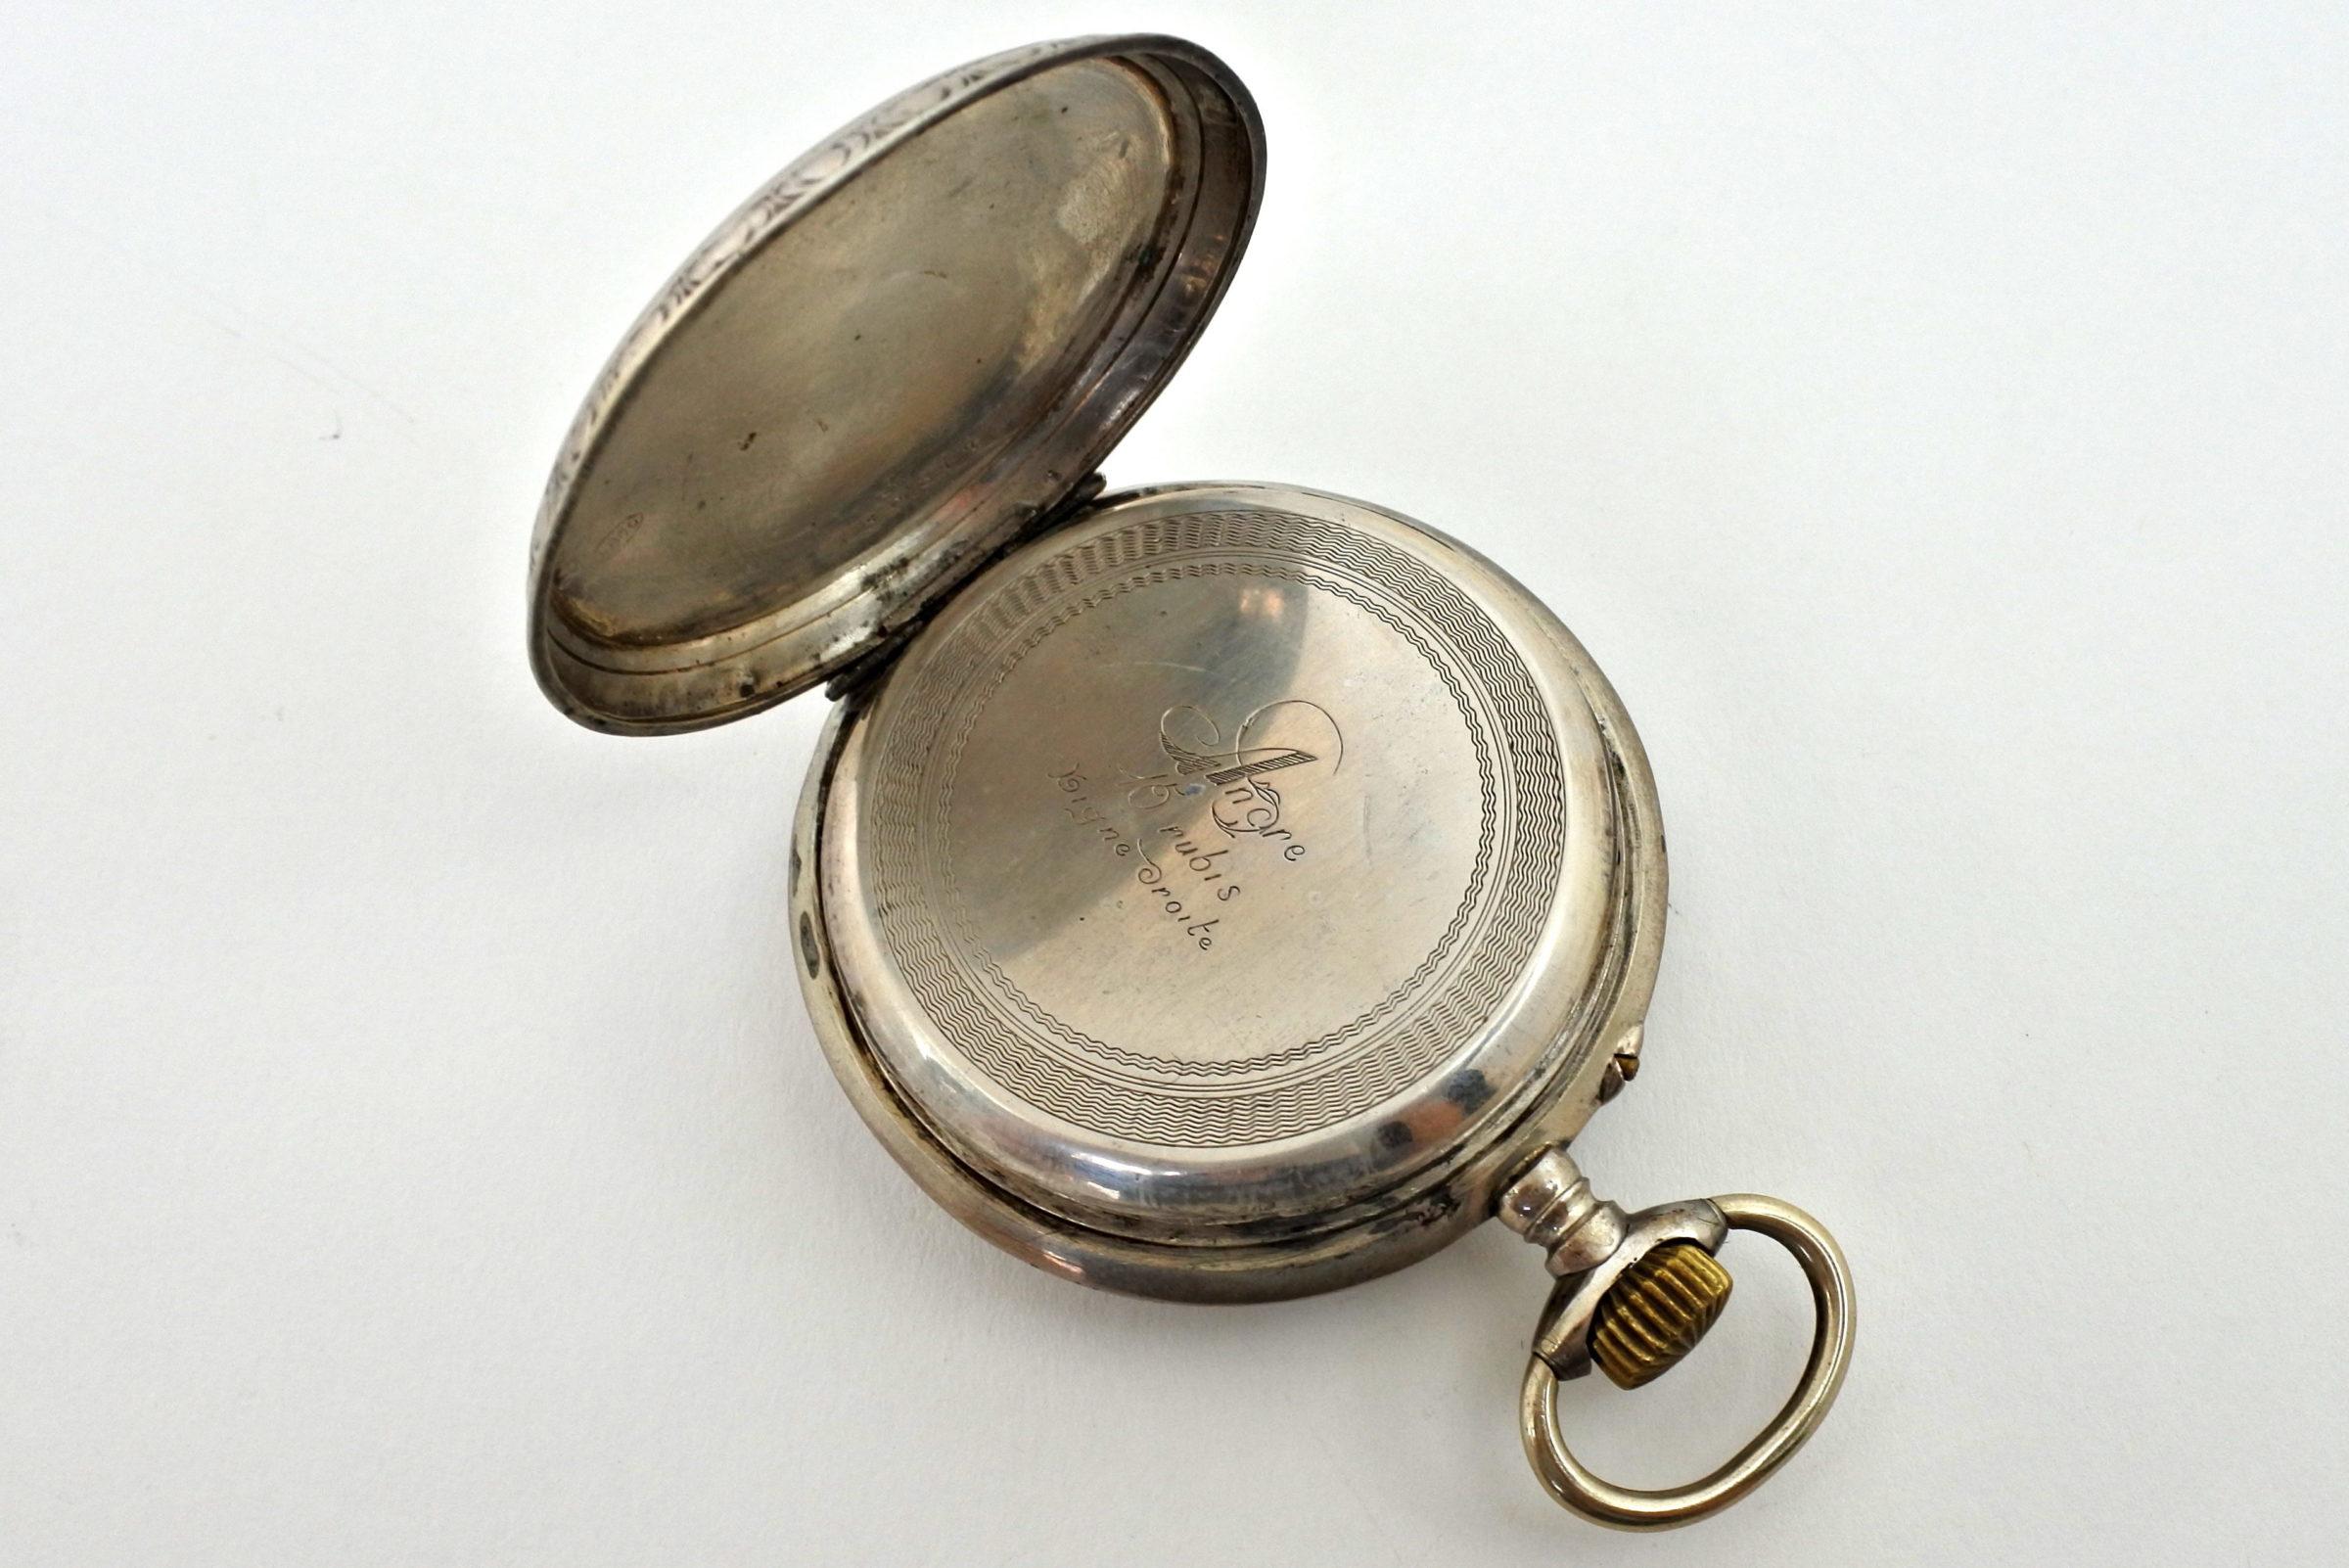 Orologio da tasca in argento con treno su quadrante - 2